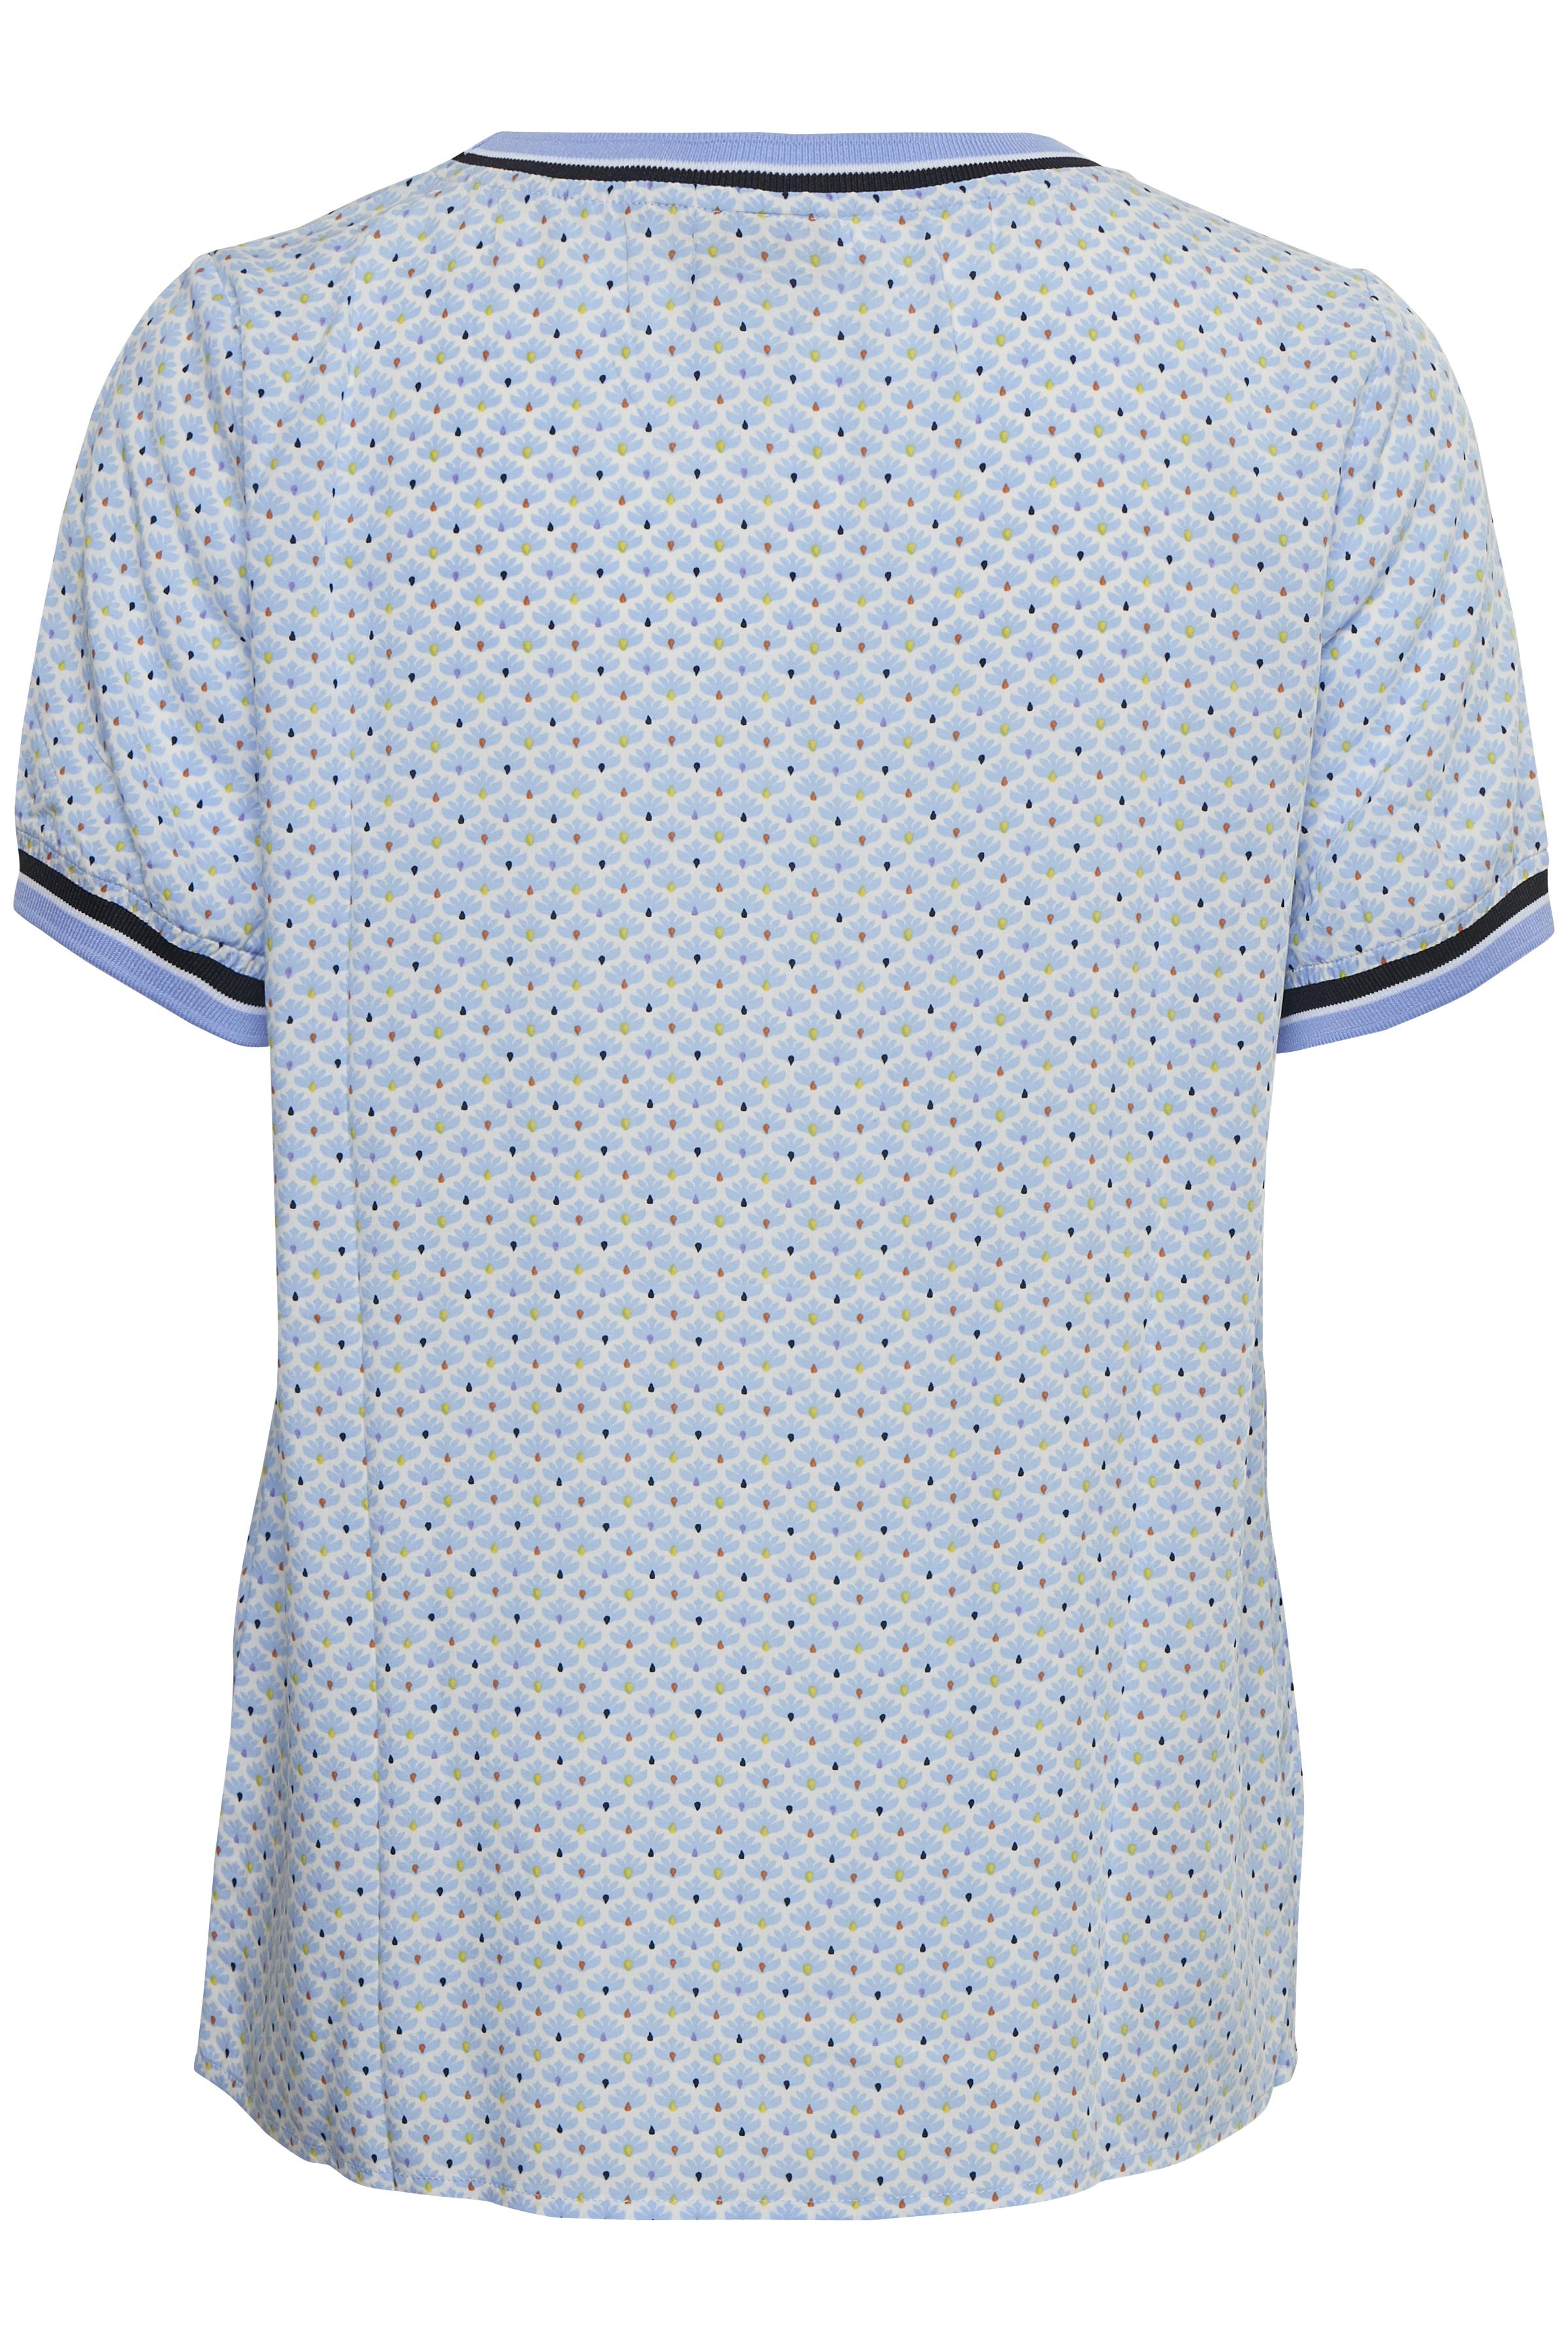 Hvid/lyseblå Kortærmet bluse fra Fransa – Køb Hvid/lyseblå Kortærmet bluse fra str. XS-XXL her